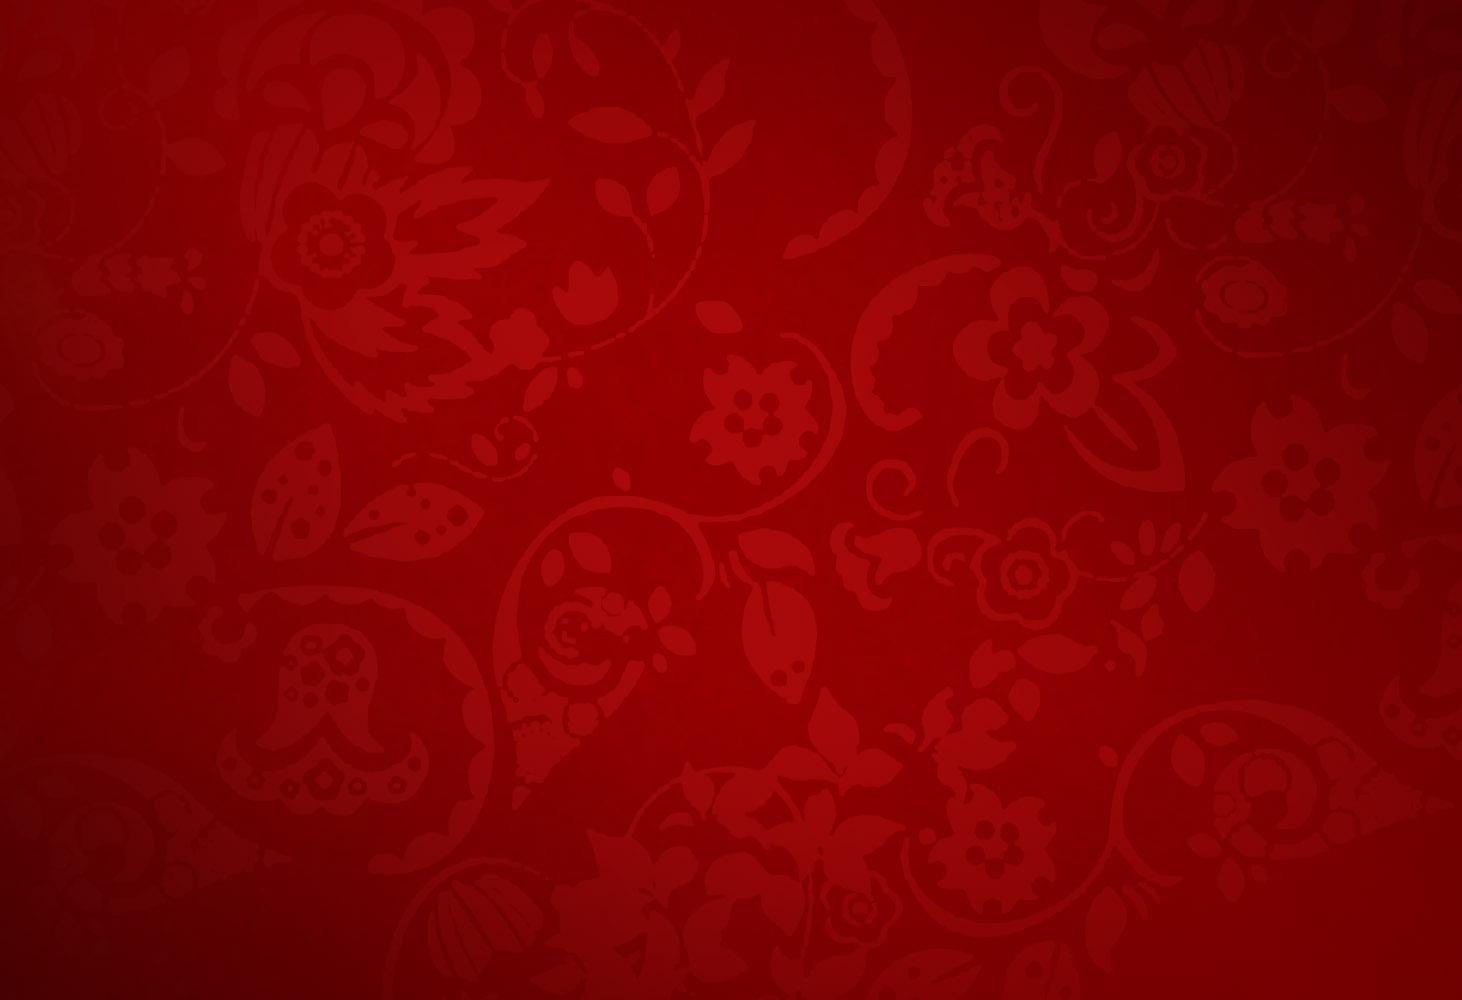 Red bedroom wallpaper